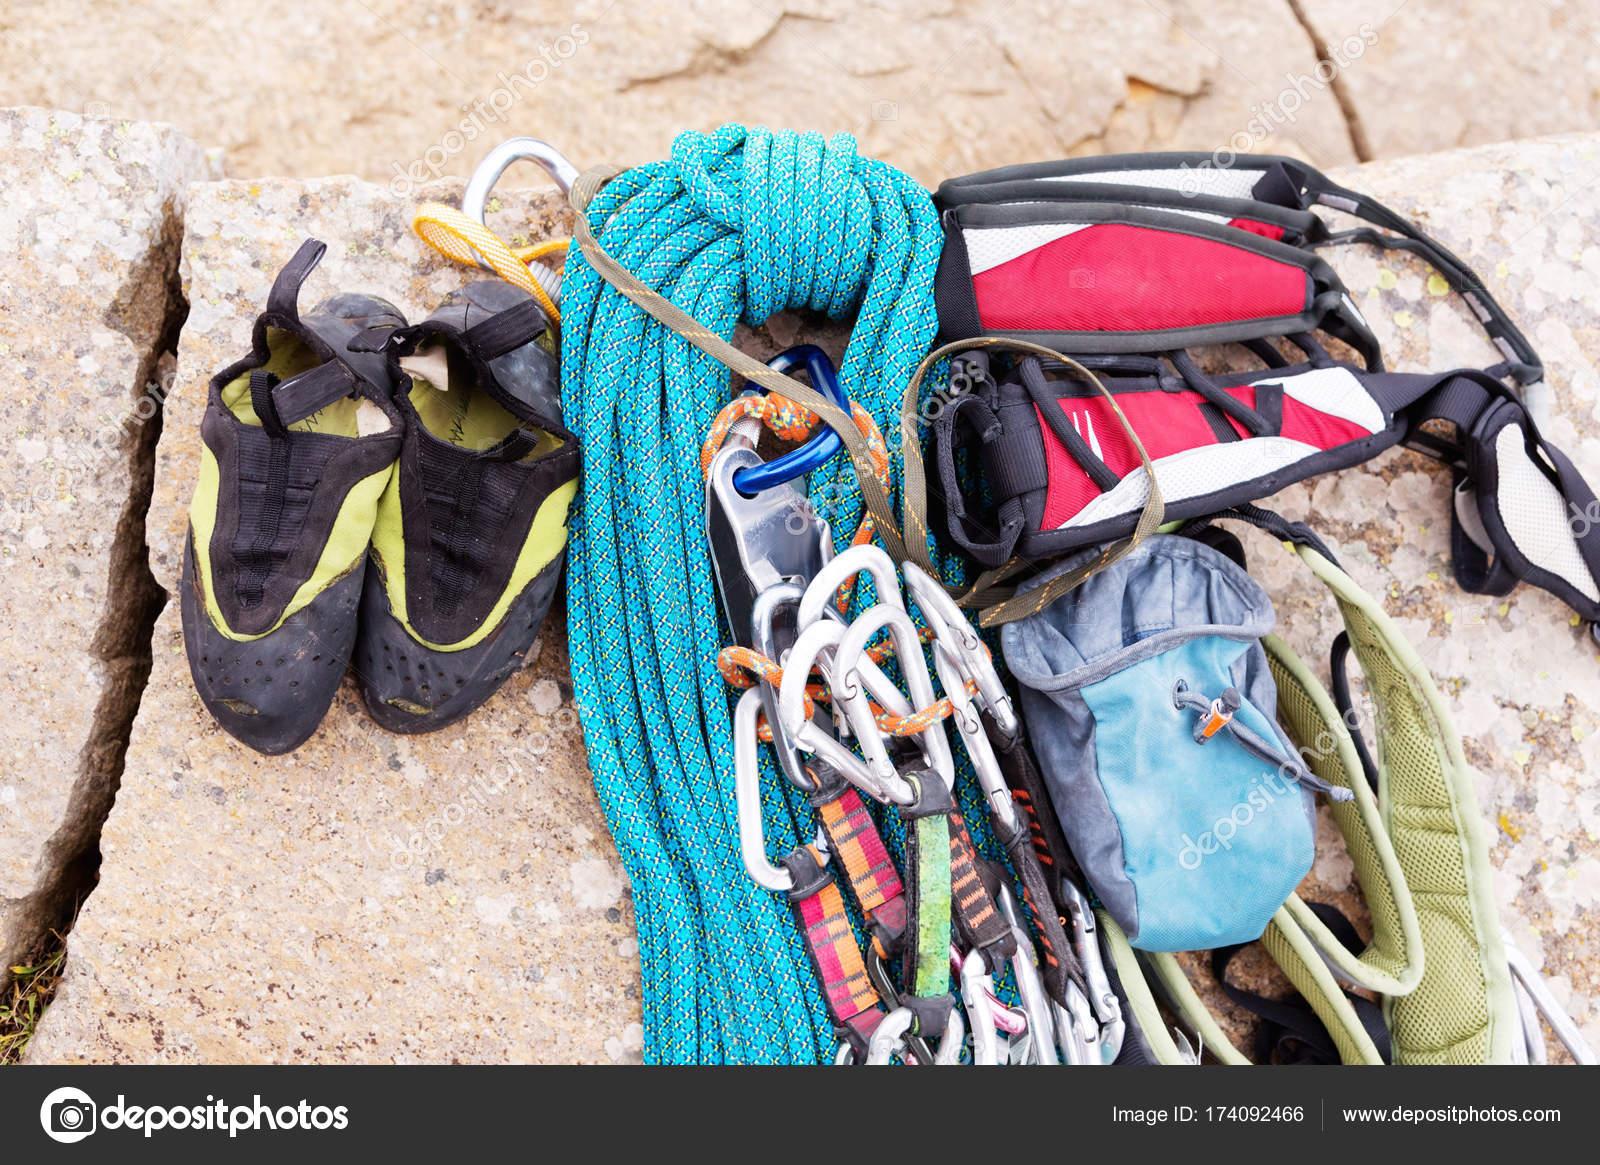 Kletterausrüstung Essen : Kletterausrüstung seil und karabiner blick von der oberen